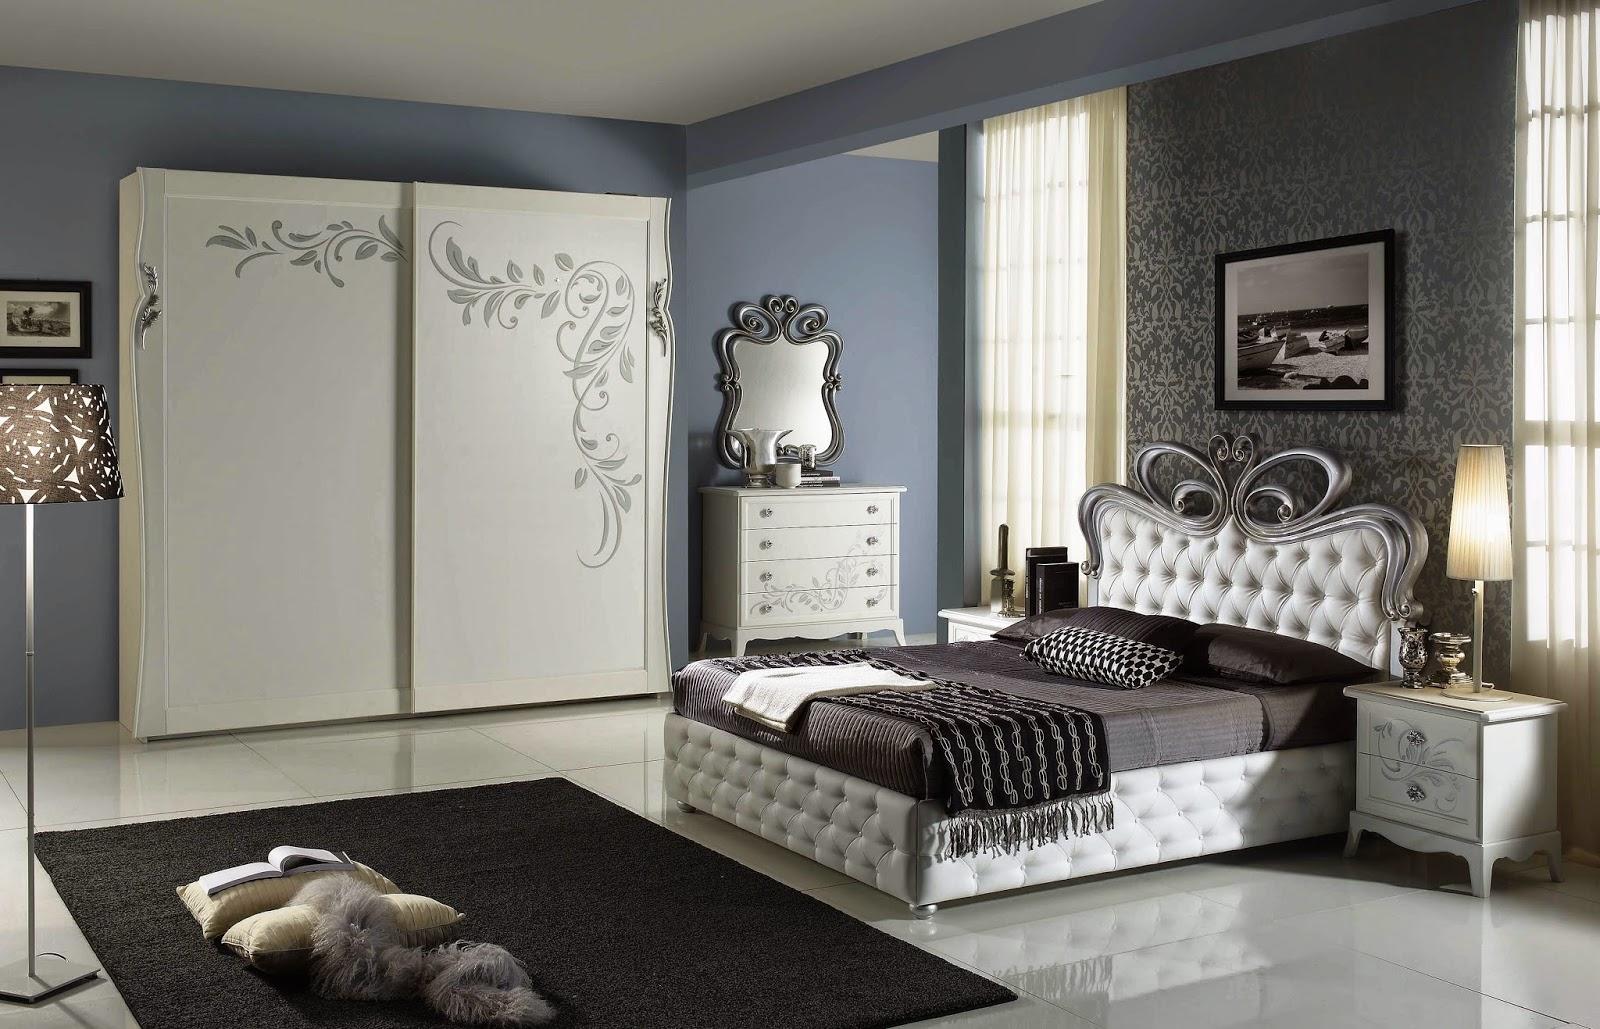 Camera da letto arredamenti a s mobilandia traslochi for 4 piani di camera da letto